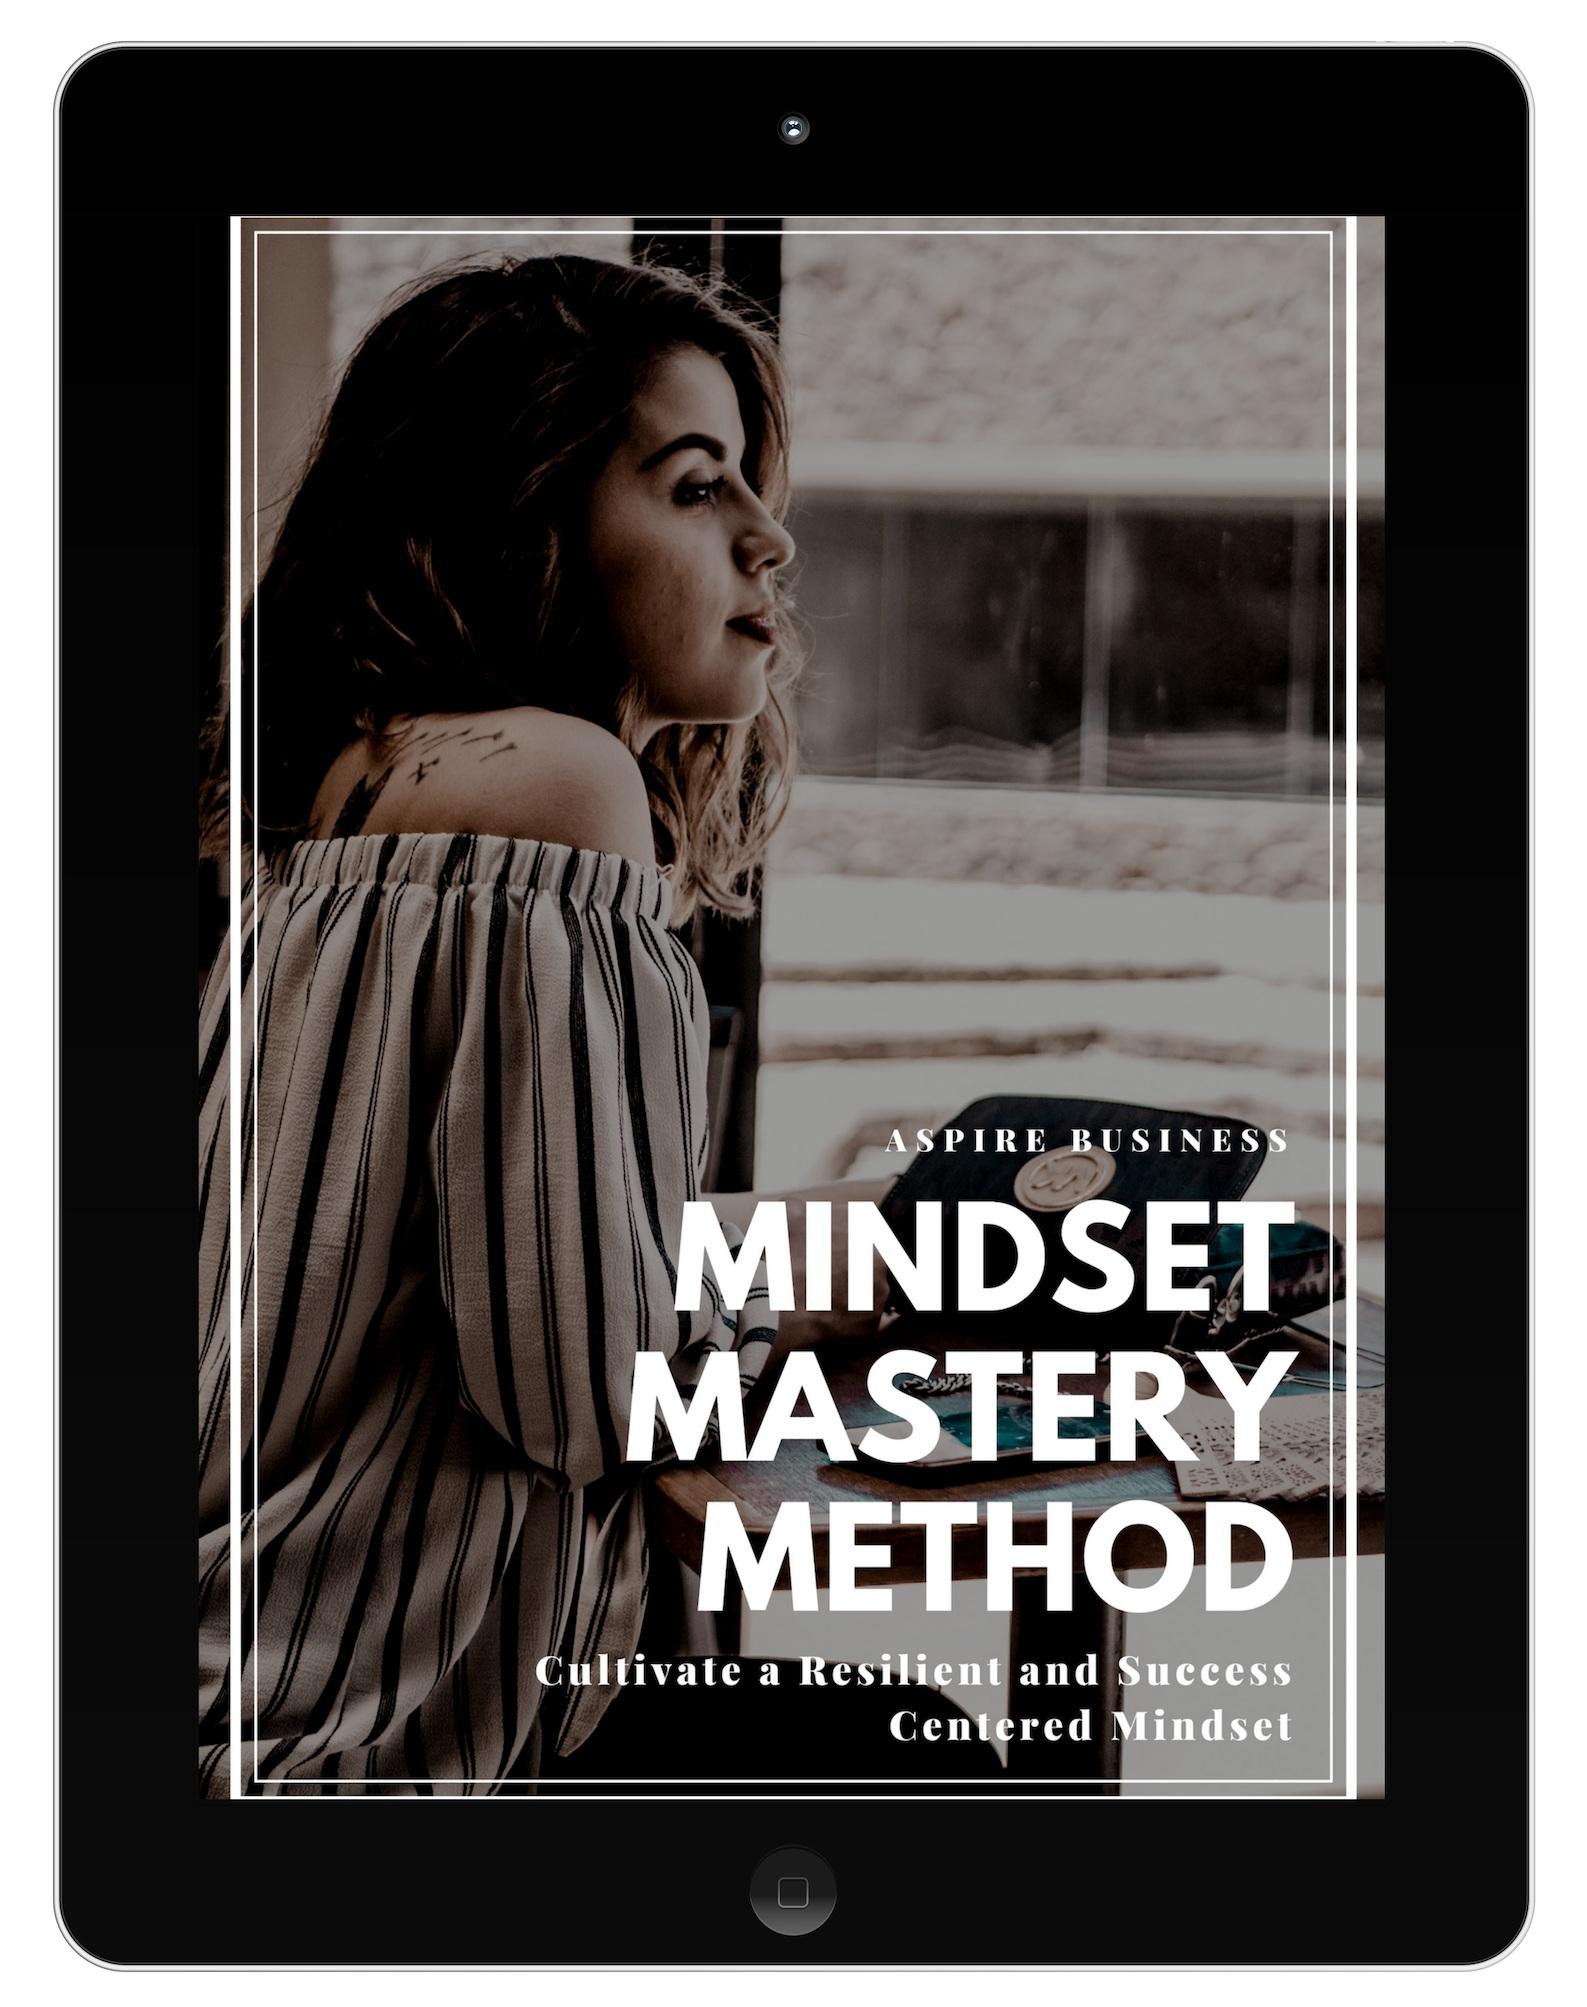 Mindset Mastery Method